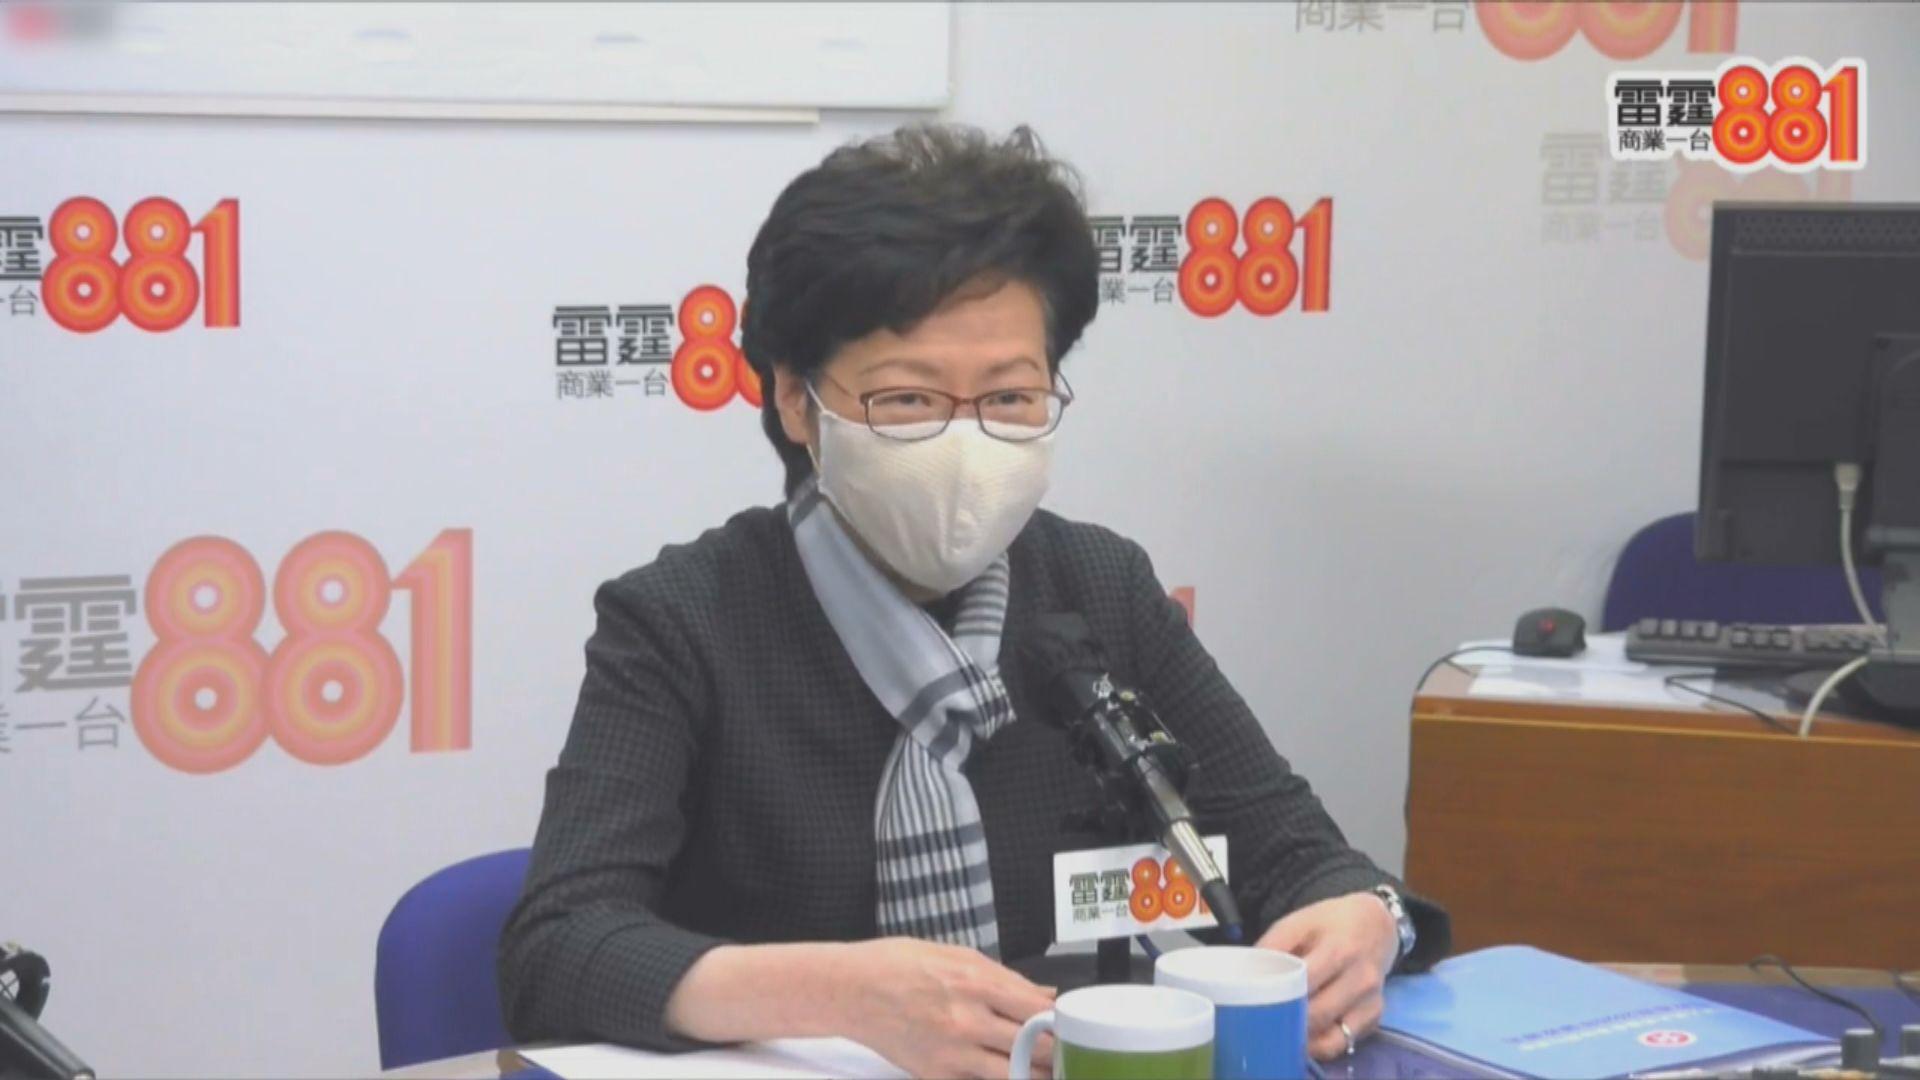 林鄭月娥︰港缺體制優勢 強用內地抗疫手法或引反效果